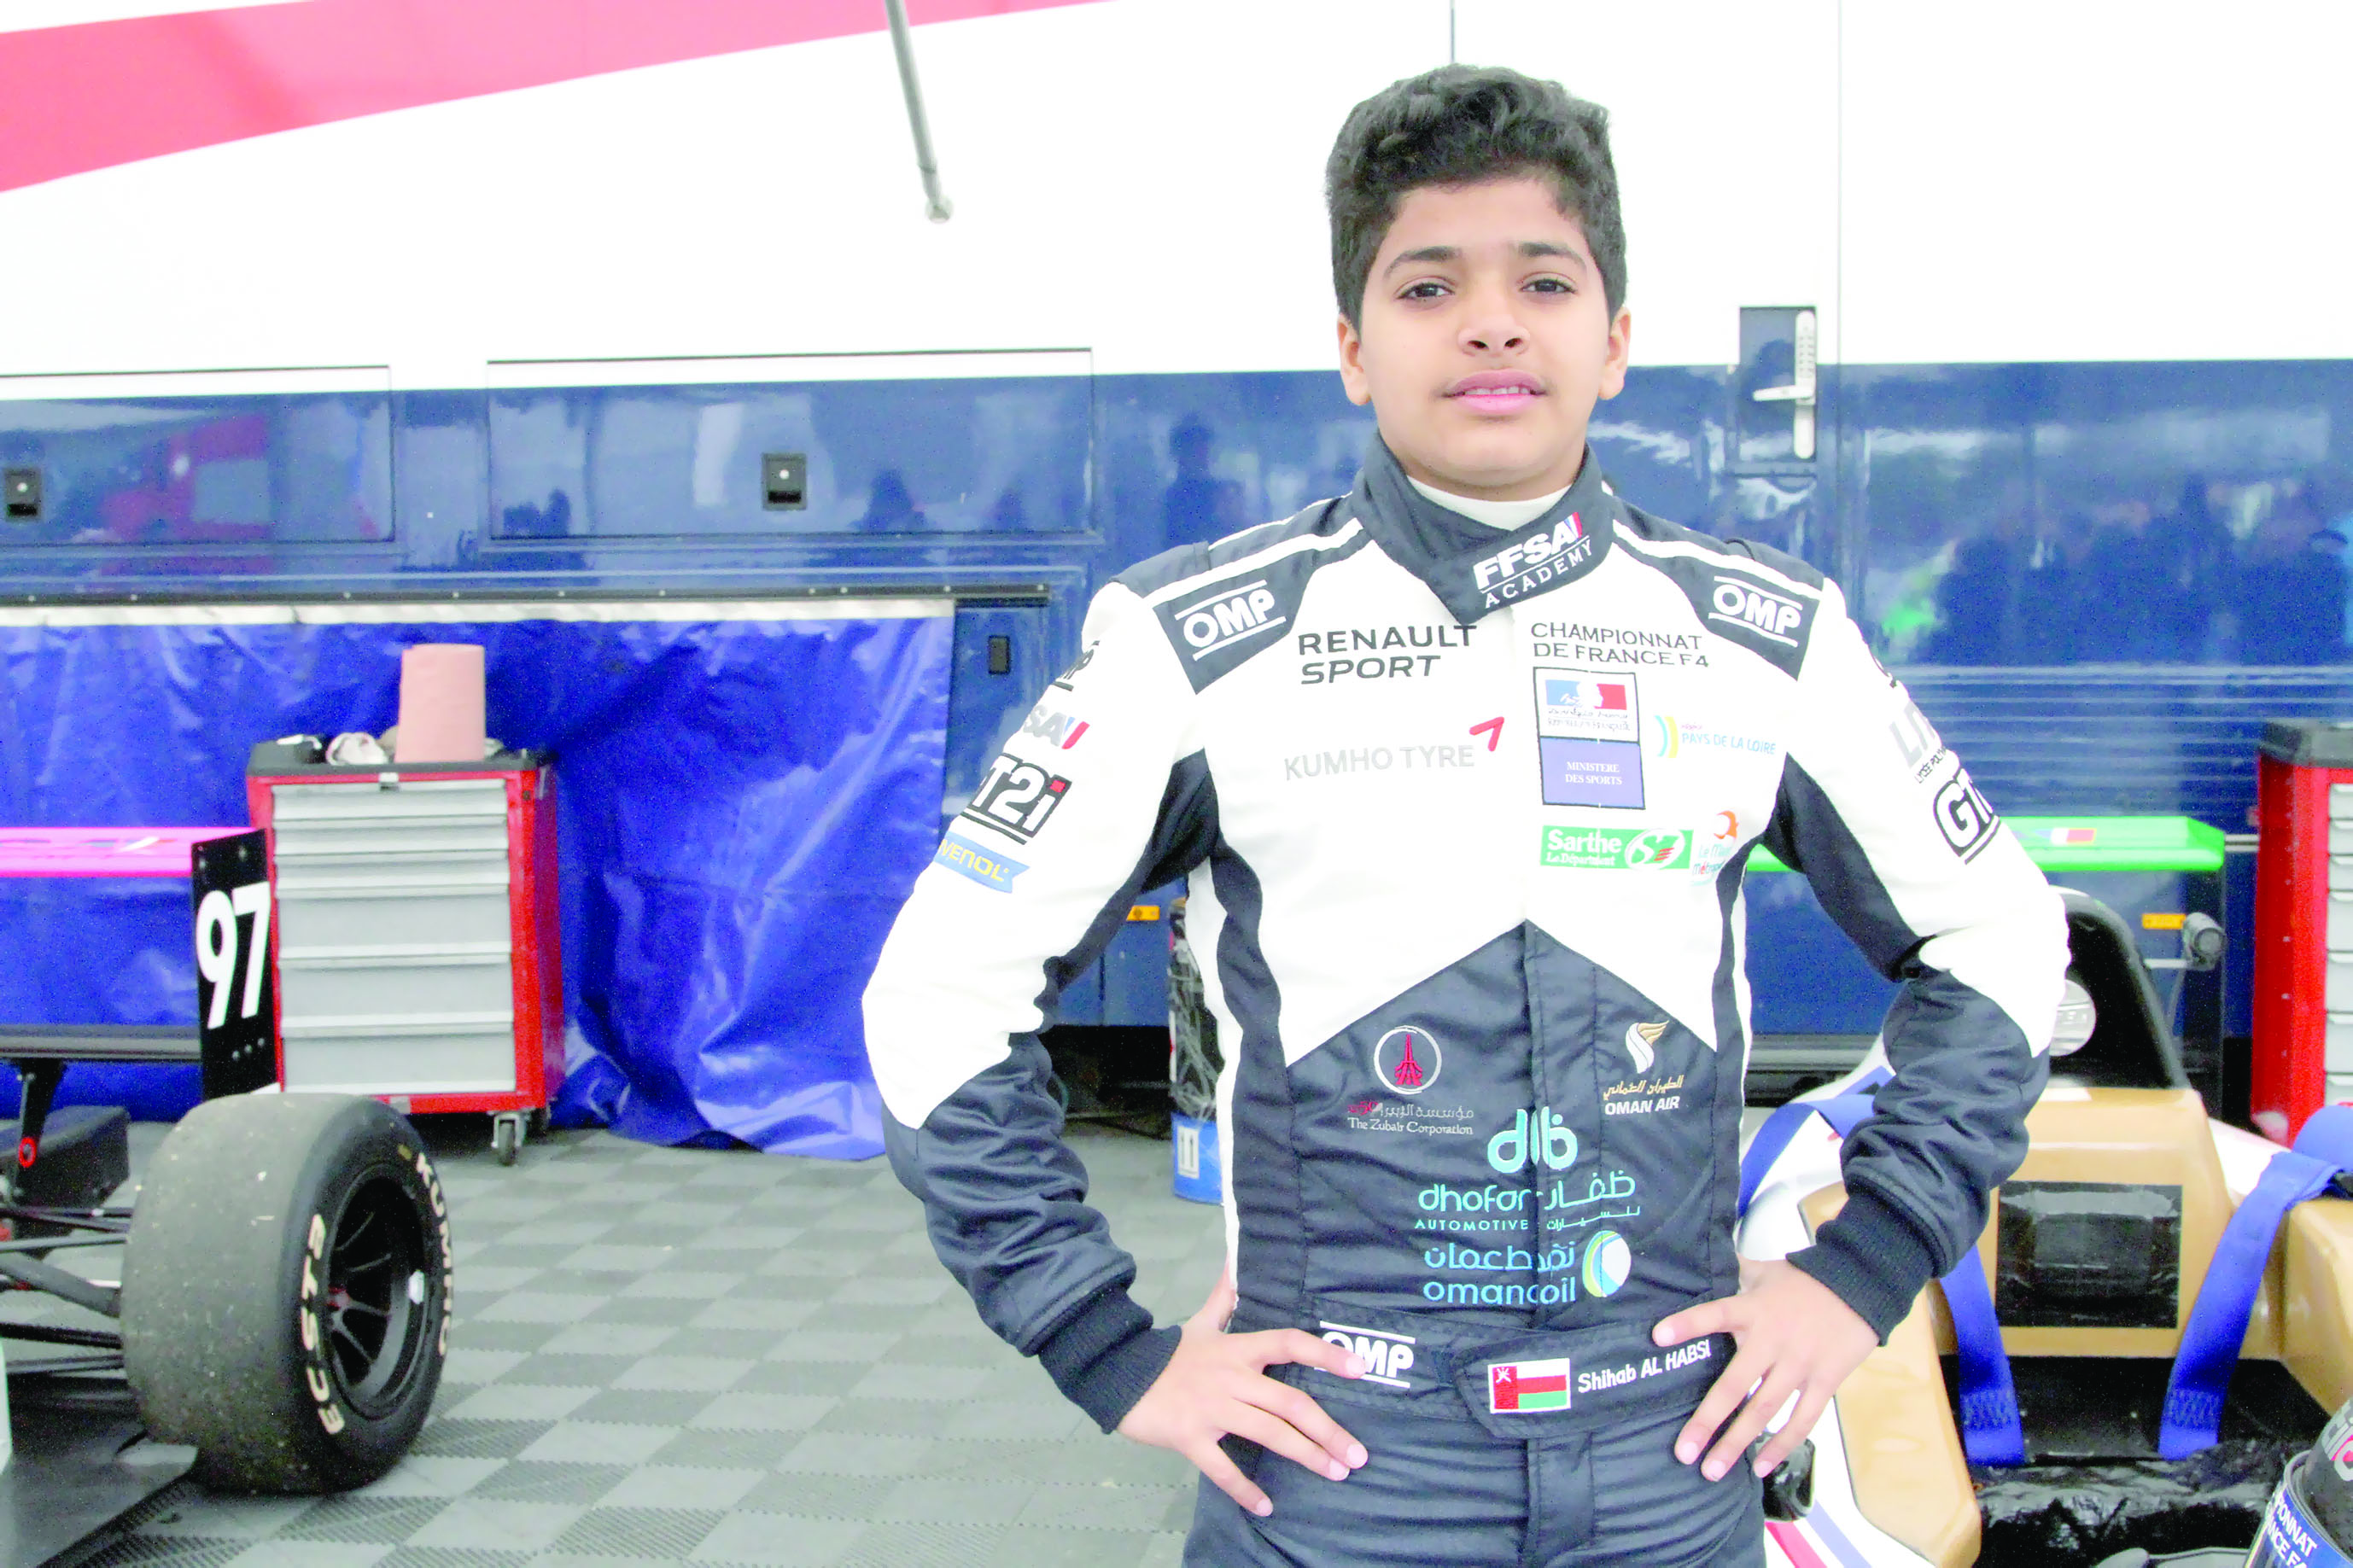 في الجولة الثانية من الفورمولا 4الأمطار والحوادث تعرقل بطلنا الحبسي